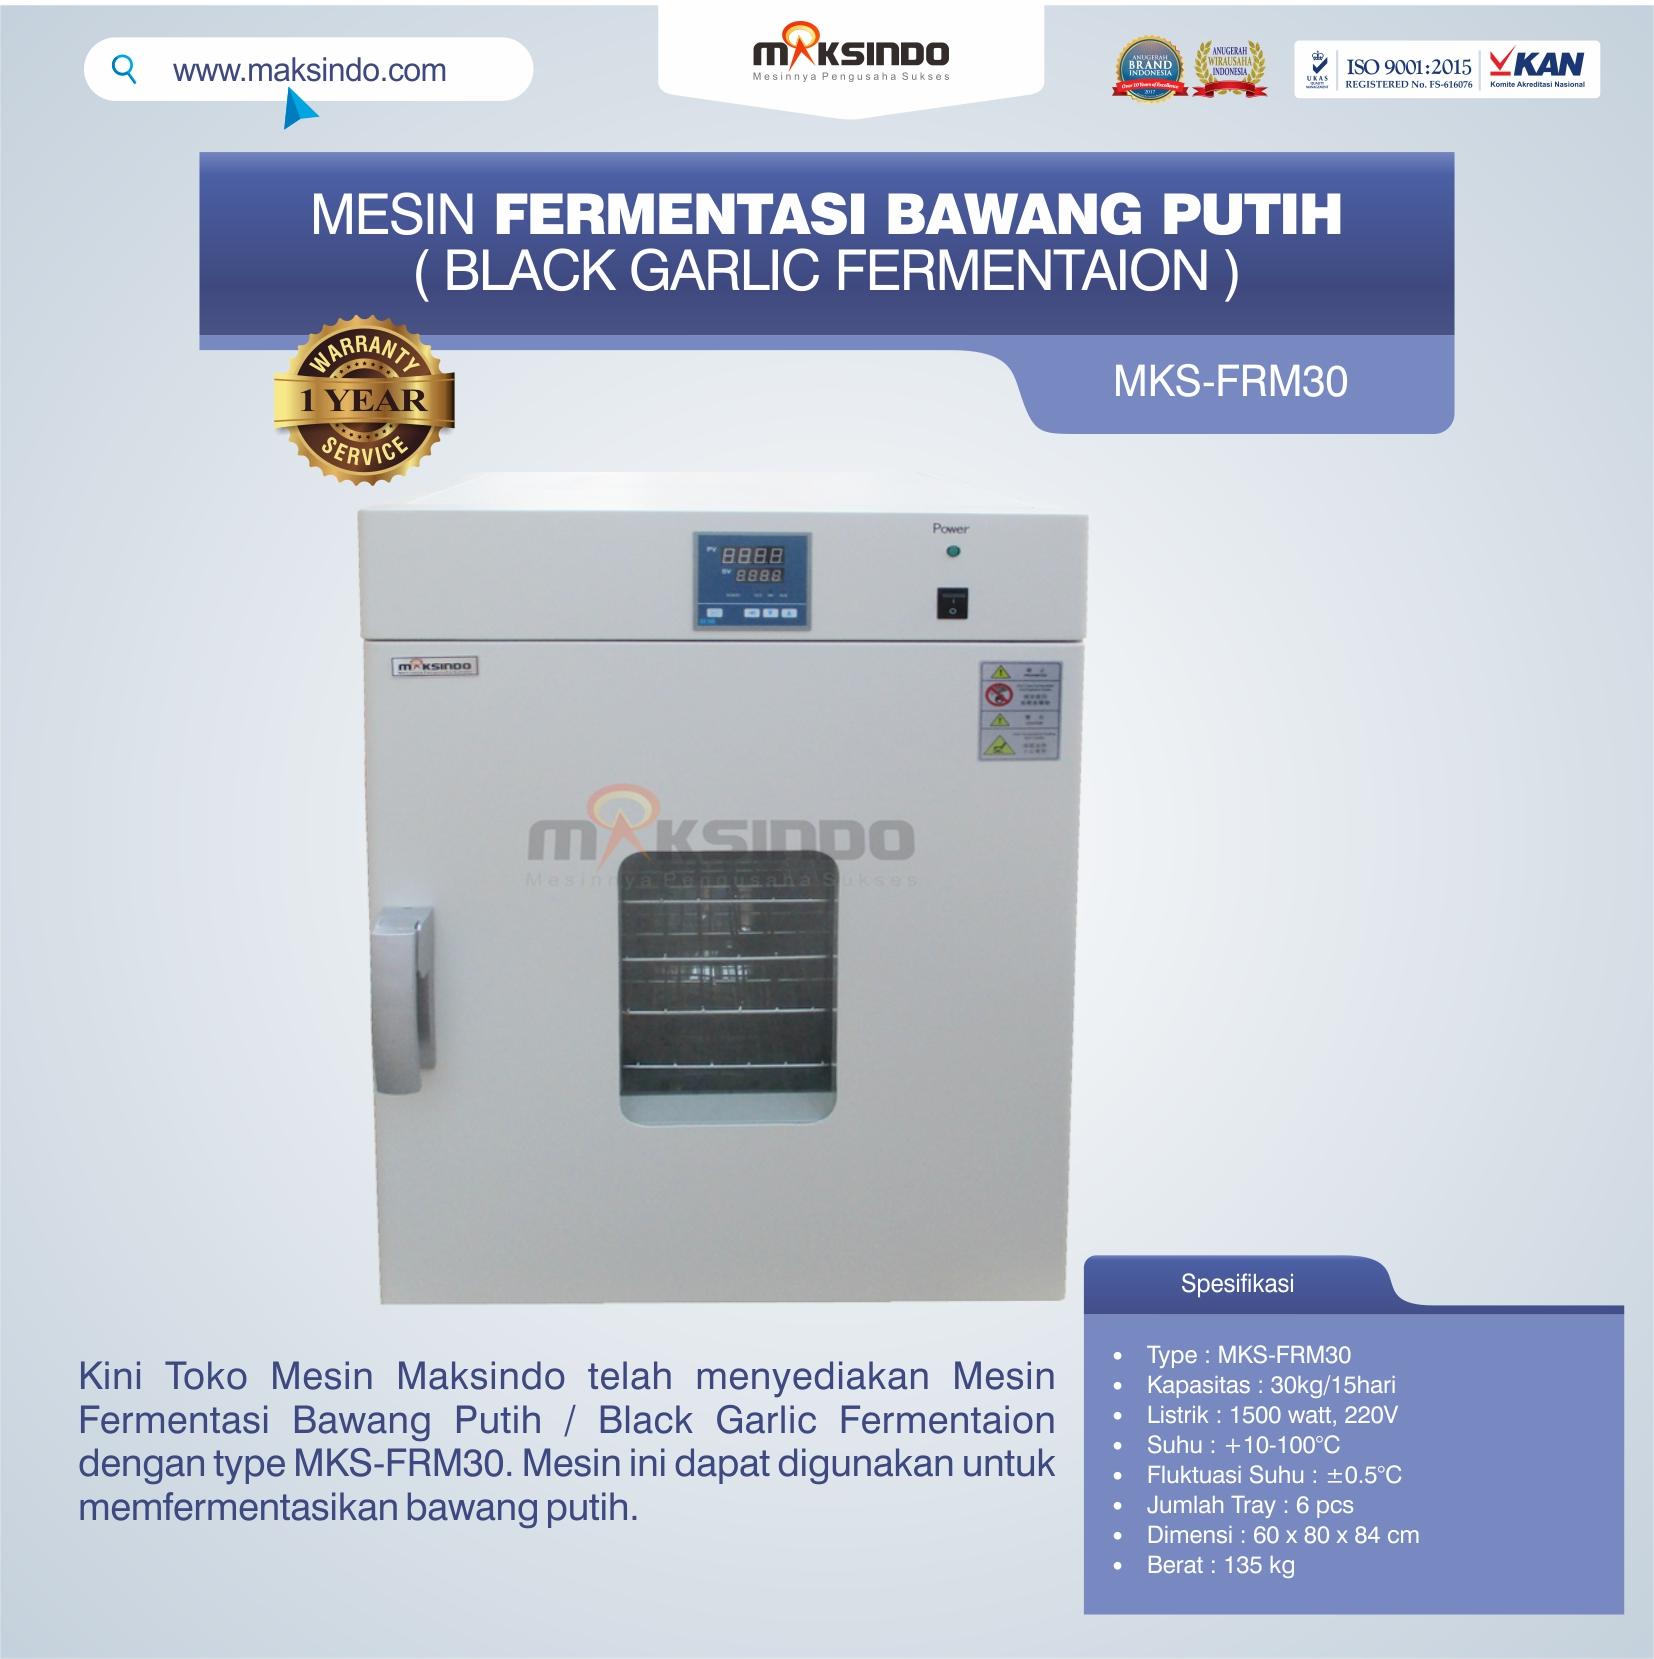 Jual Mesin Fermentasi Bawang Putih / Black Garlic Fermentaion MKS-FRM30 di Tangerang